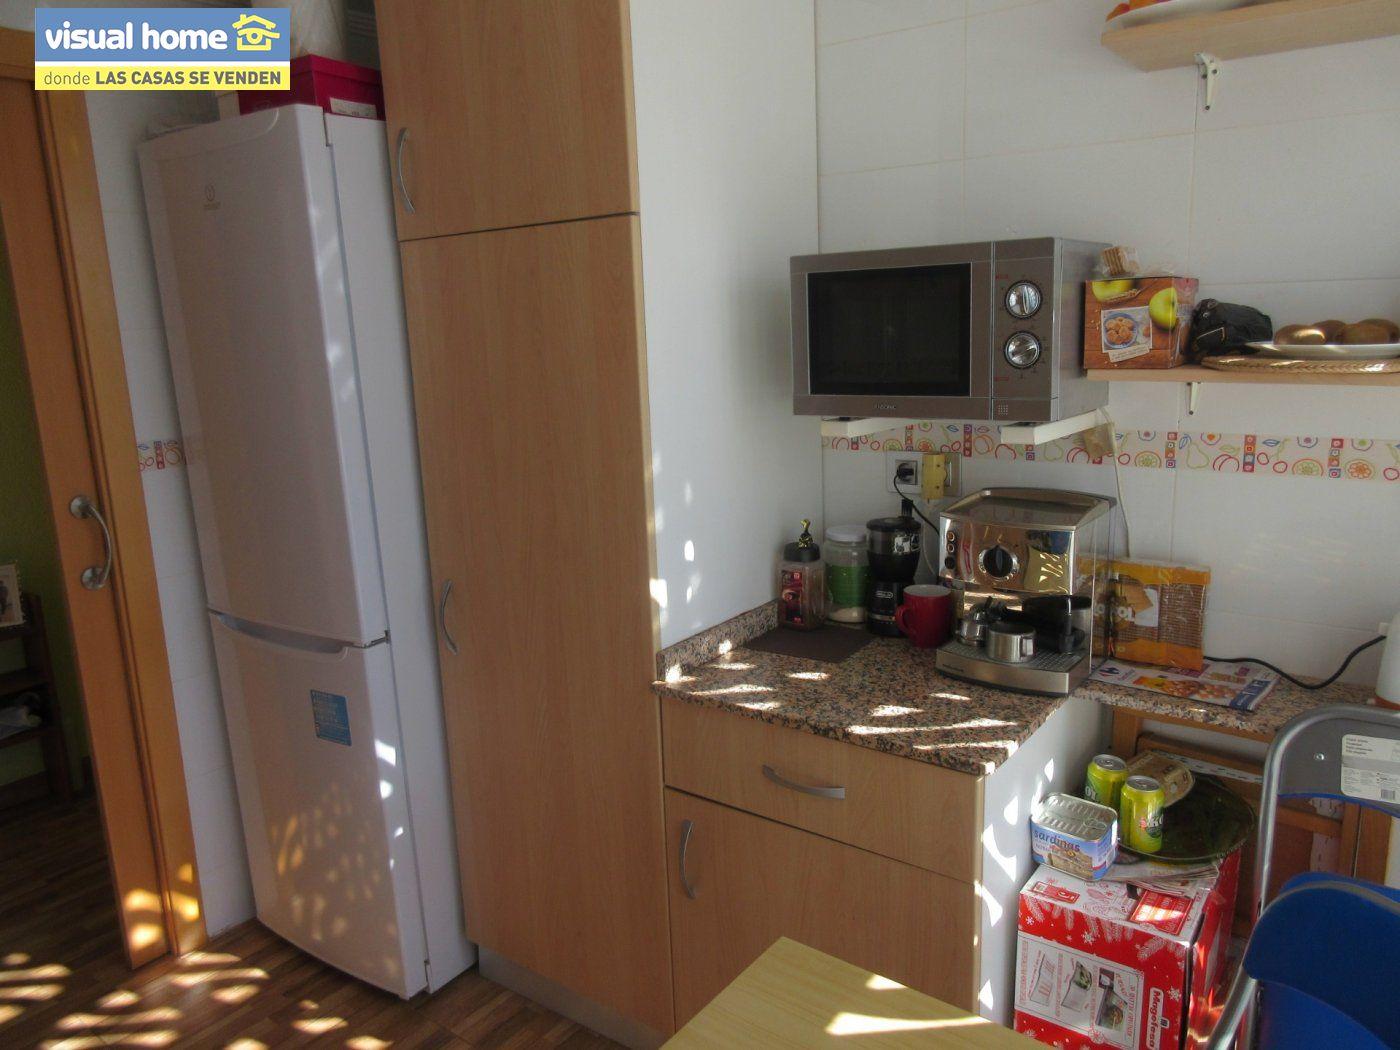 Apartamento todo exterior en Av/ Mediterráneo con garaje y piscina a 50 mts de la playa 7